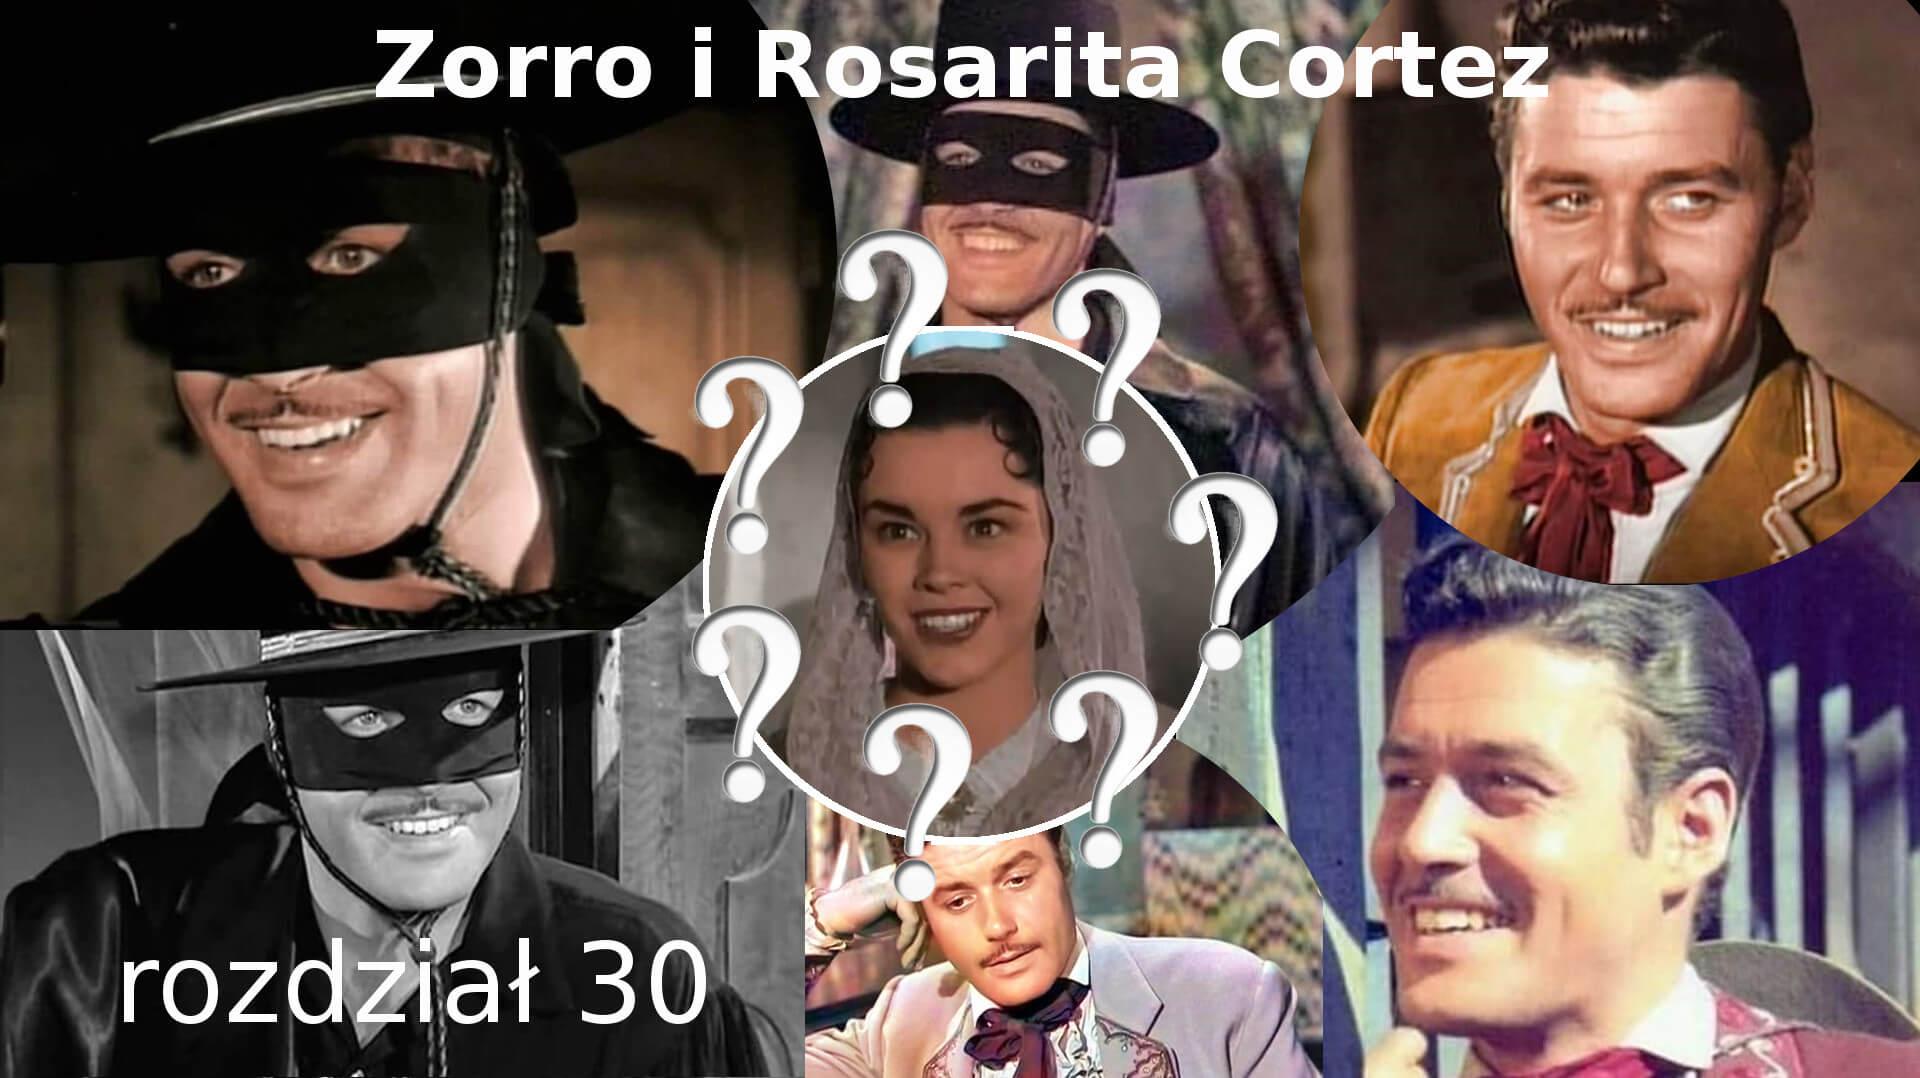 Zorro i Rosarita Cortez rozdział 30 zorro fanfiction